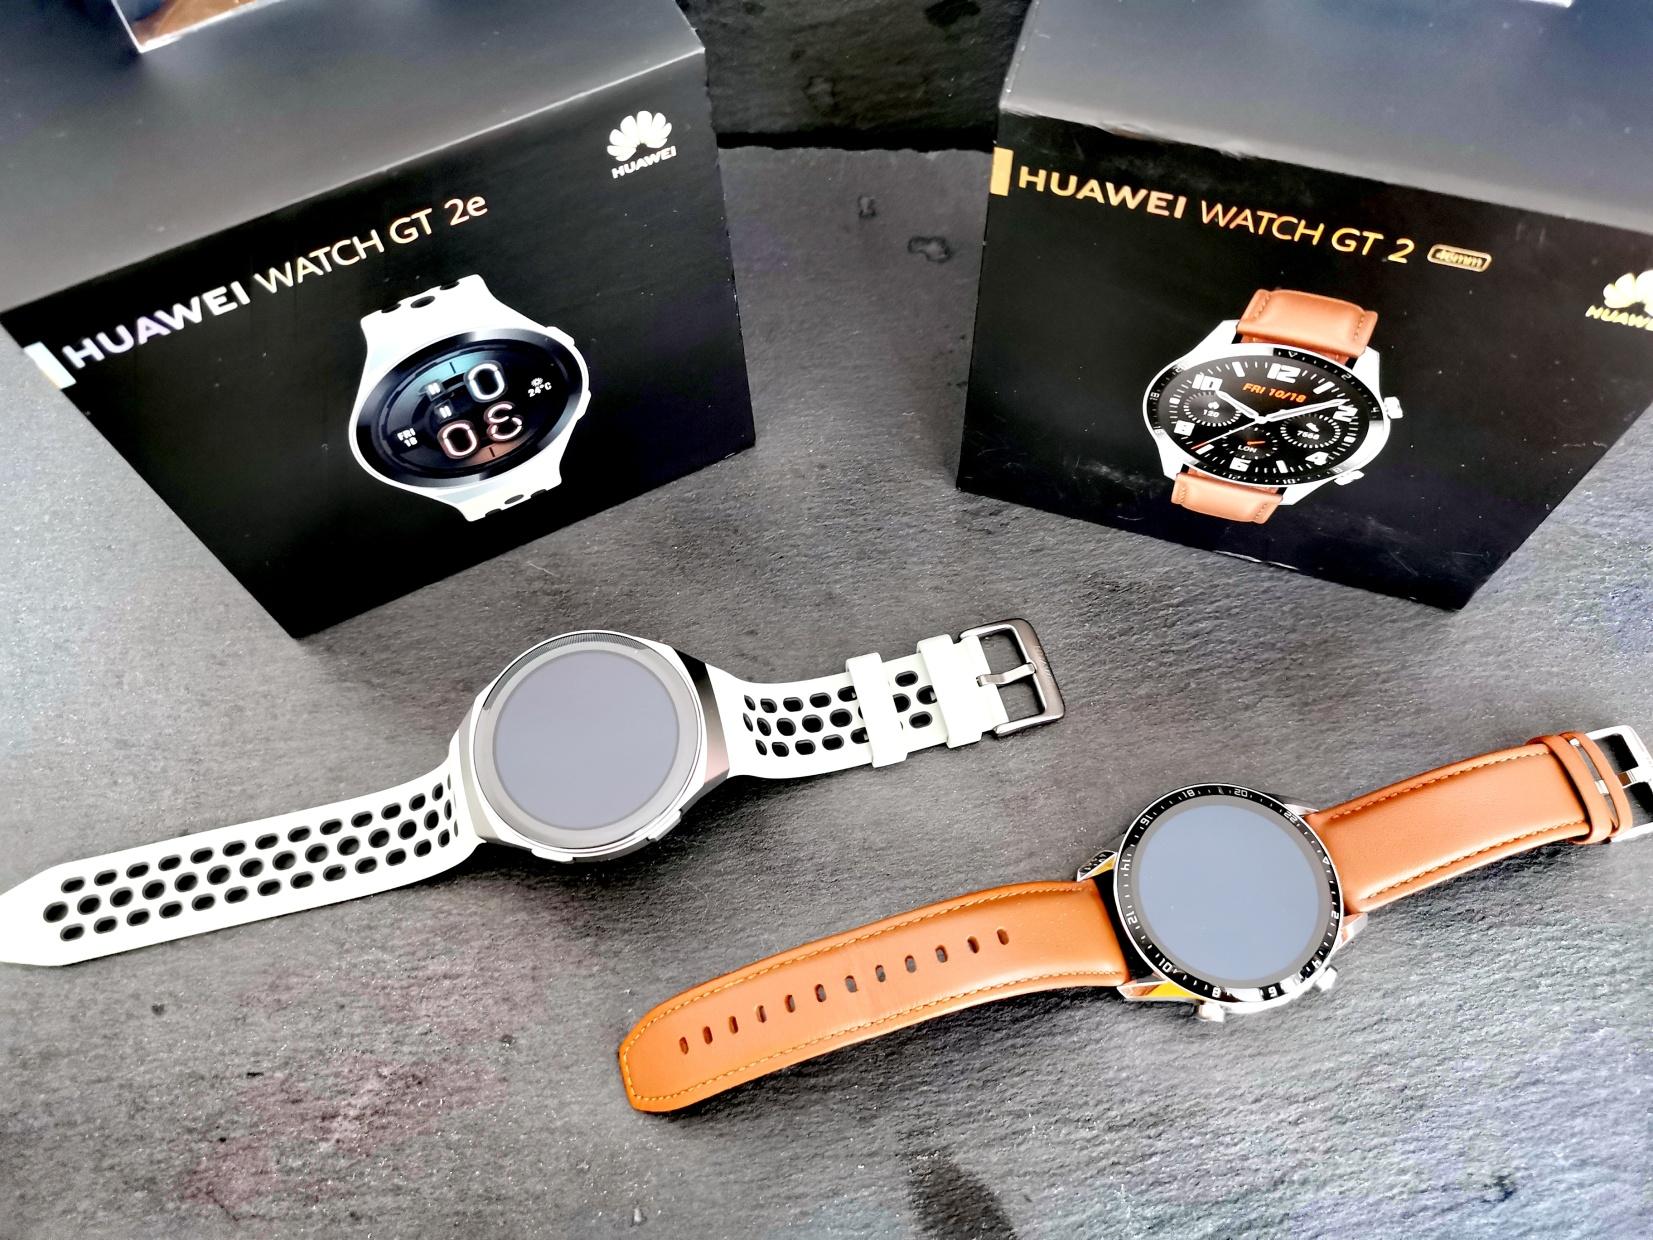 Testování chytrých hodinek HUAWEI WATCH GT 2 a GT 2e | Editorial